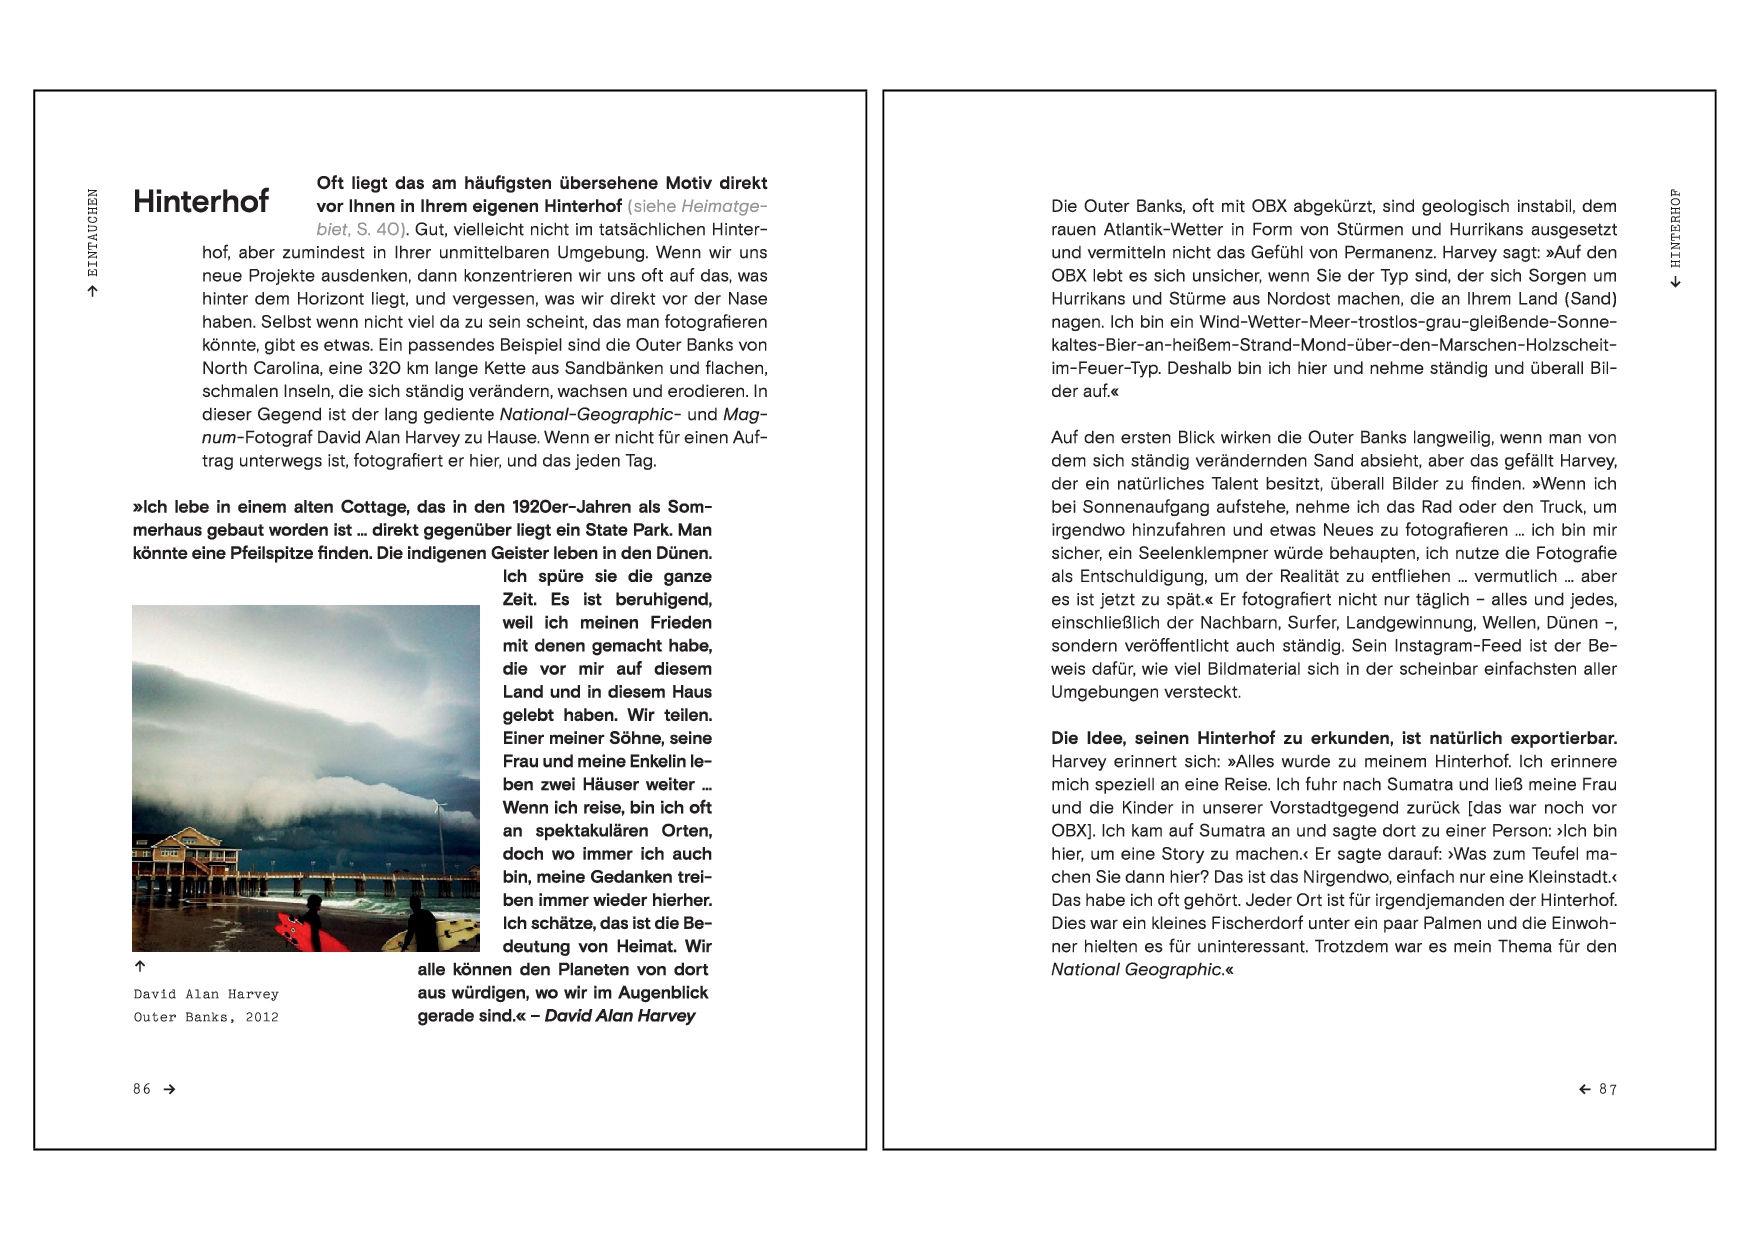 Einzigartige Fotos Blick in Buch Bild 2